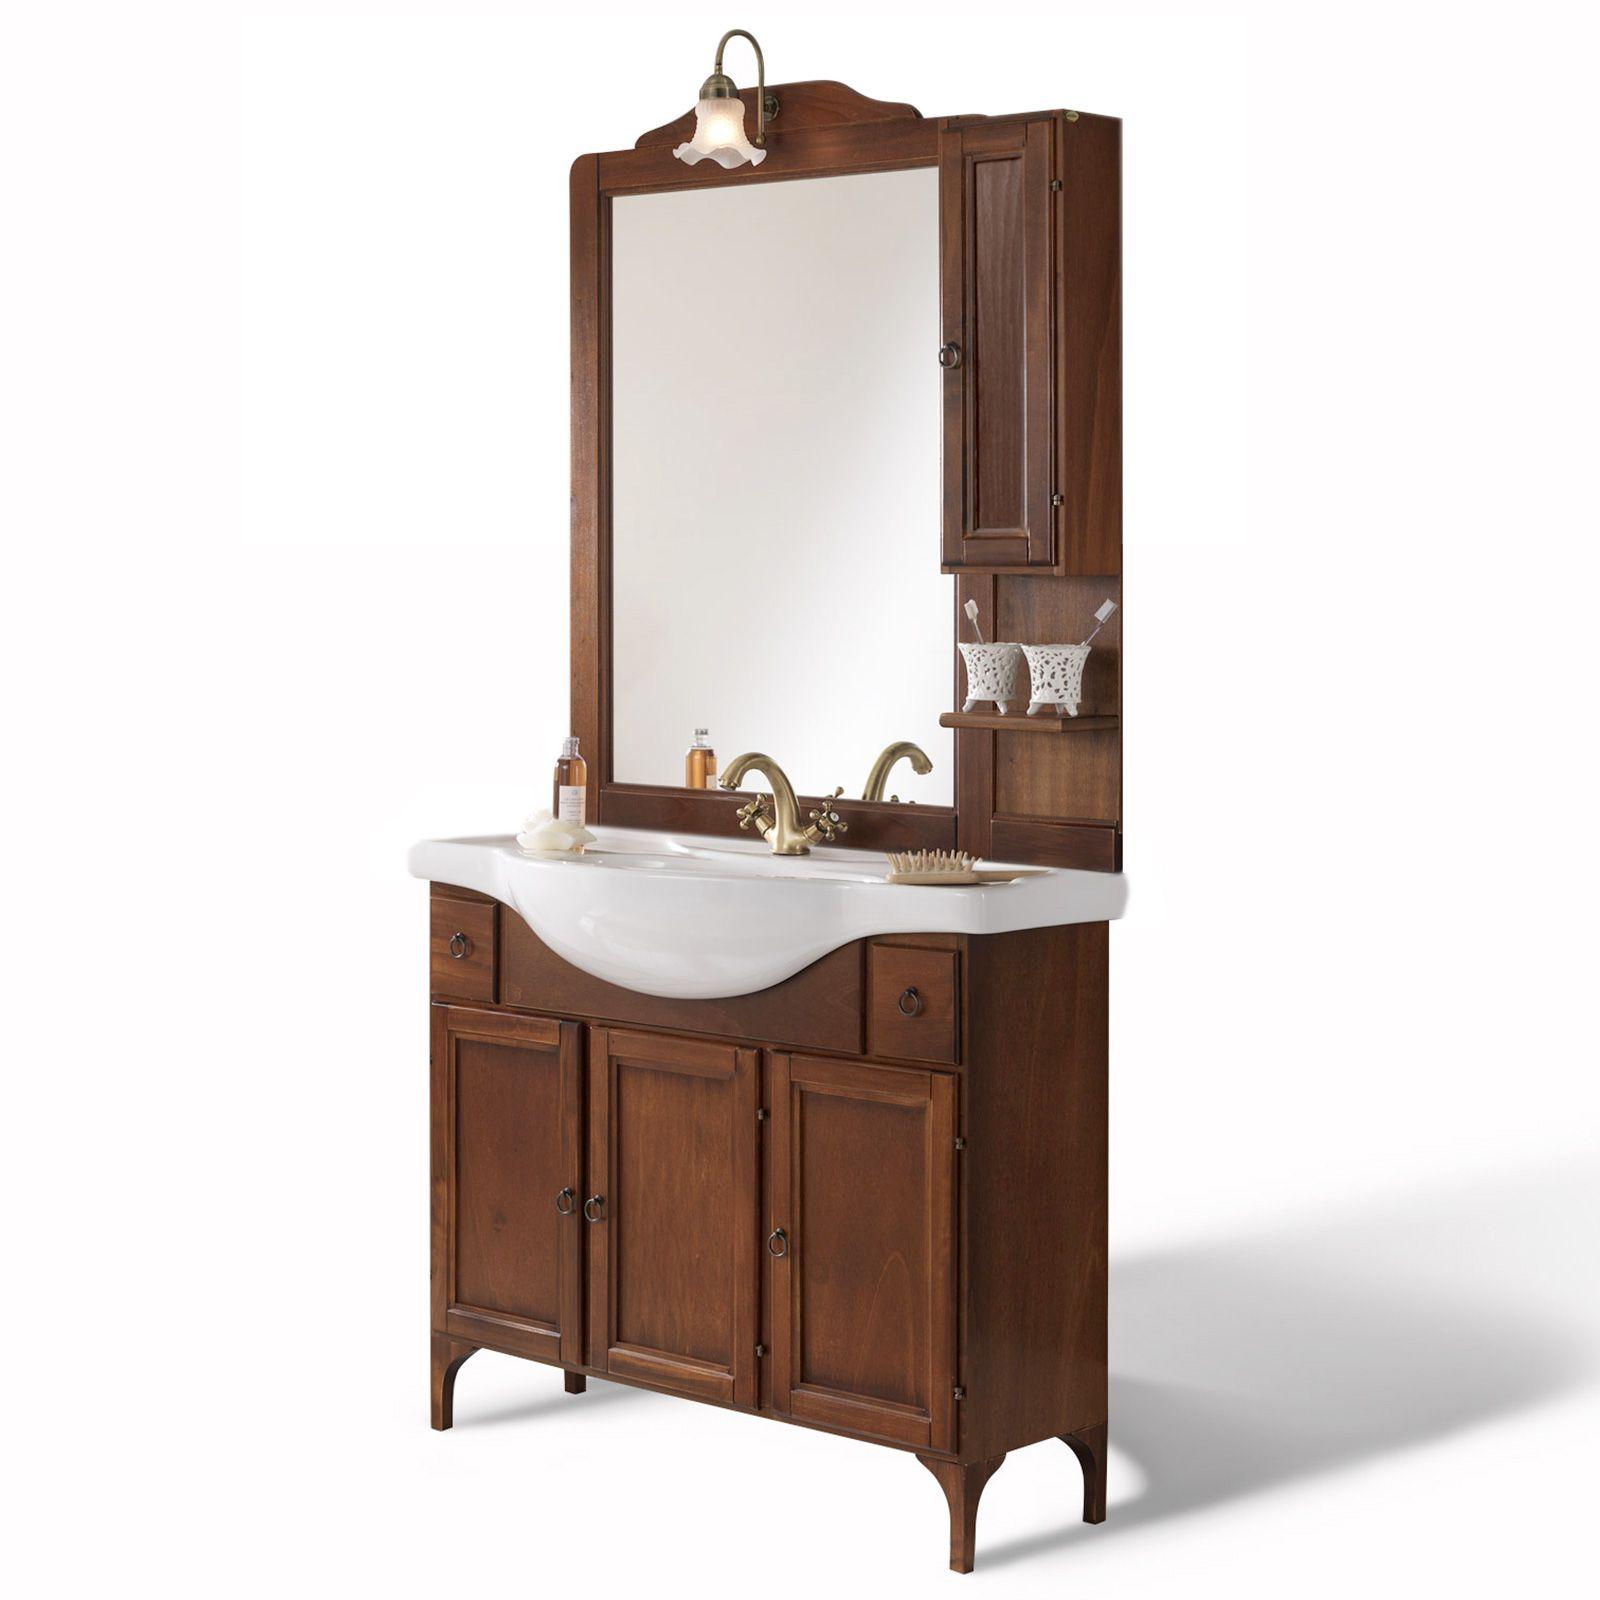 Mobile arredo da bagno arte povera cm 85 modello for Mobile da bagno